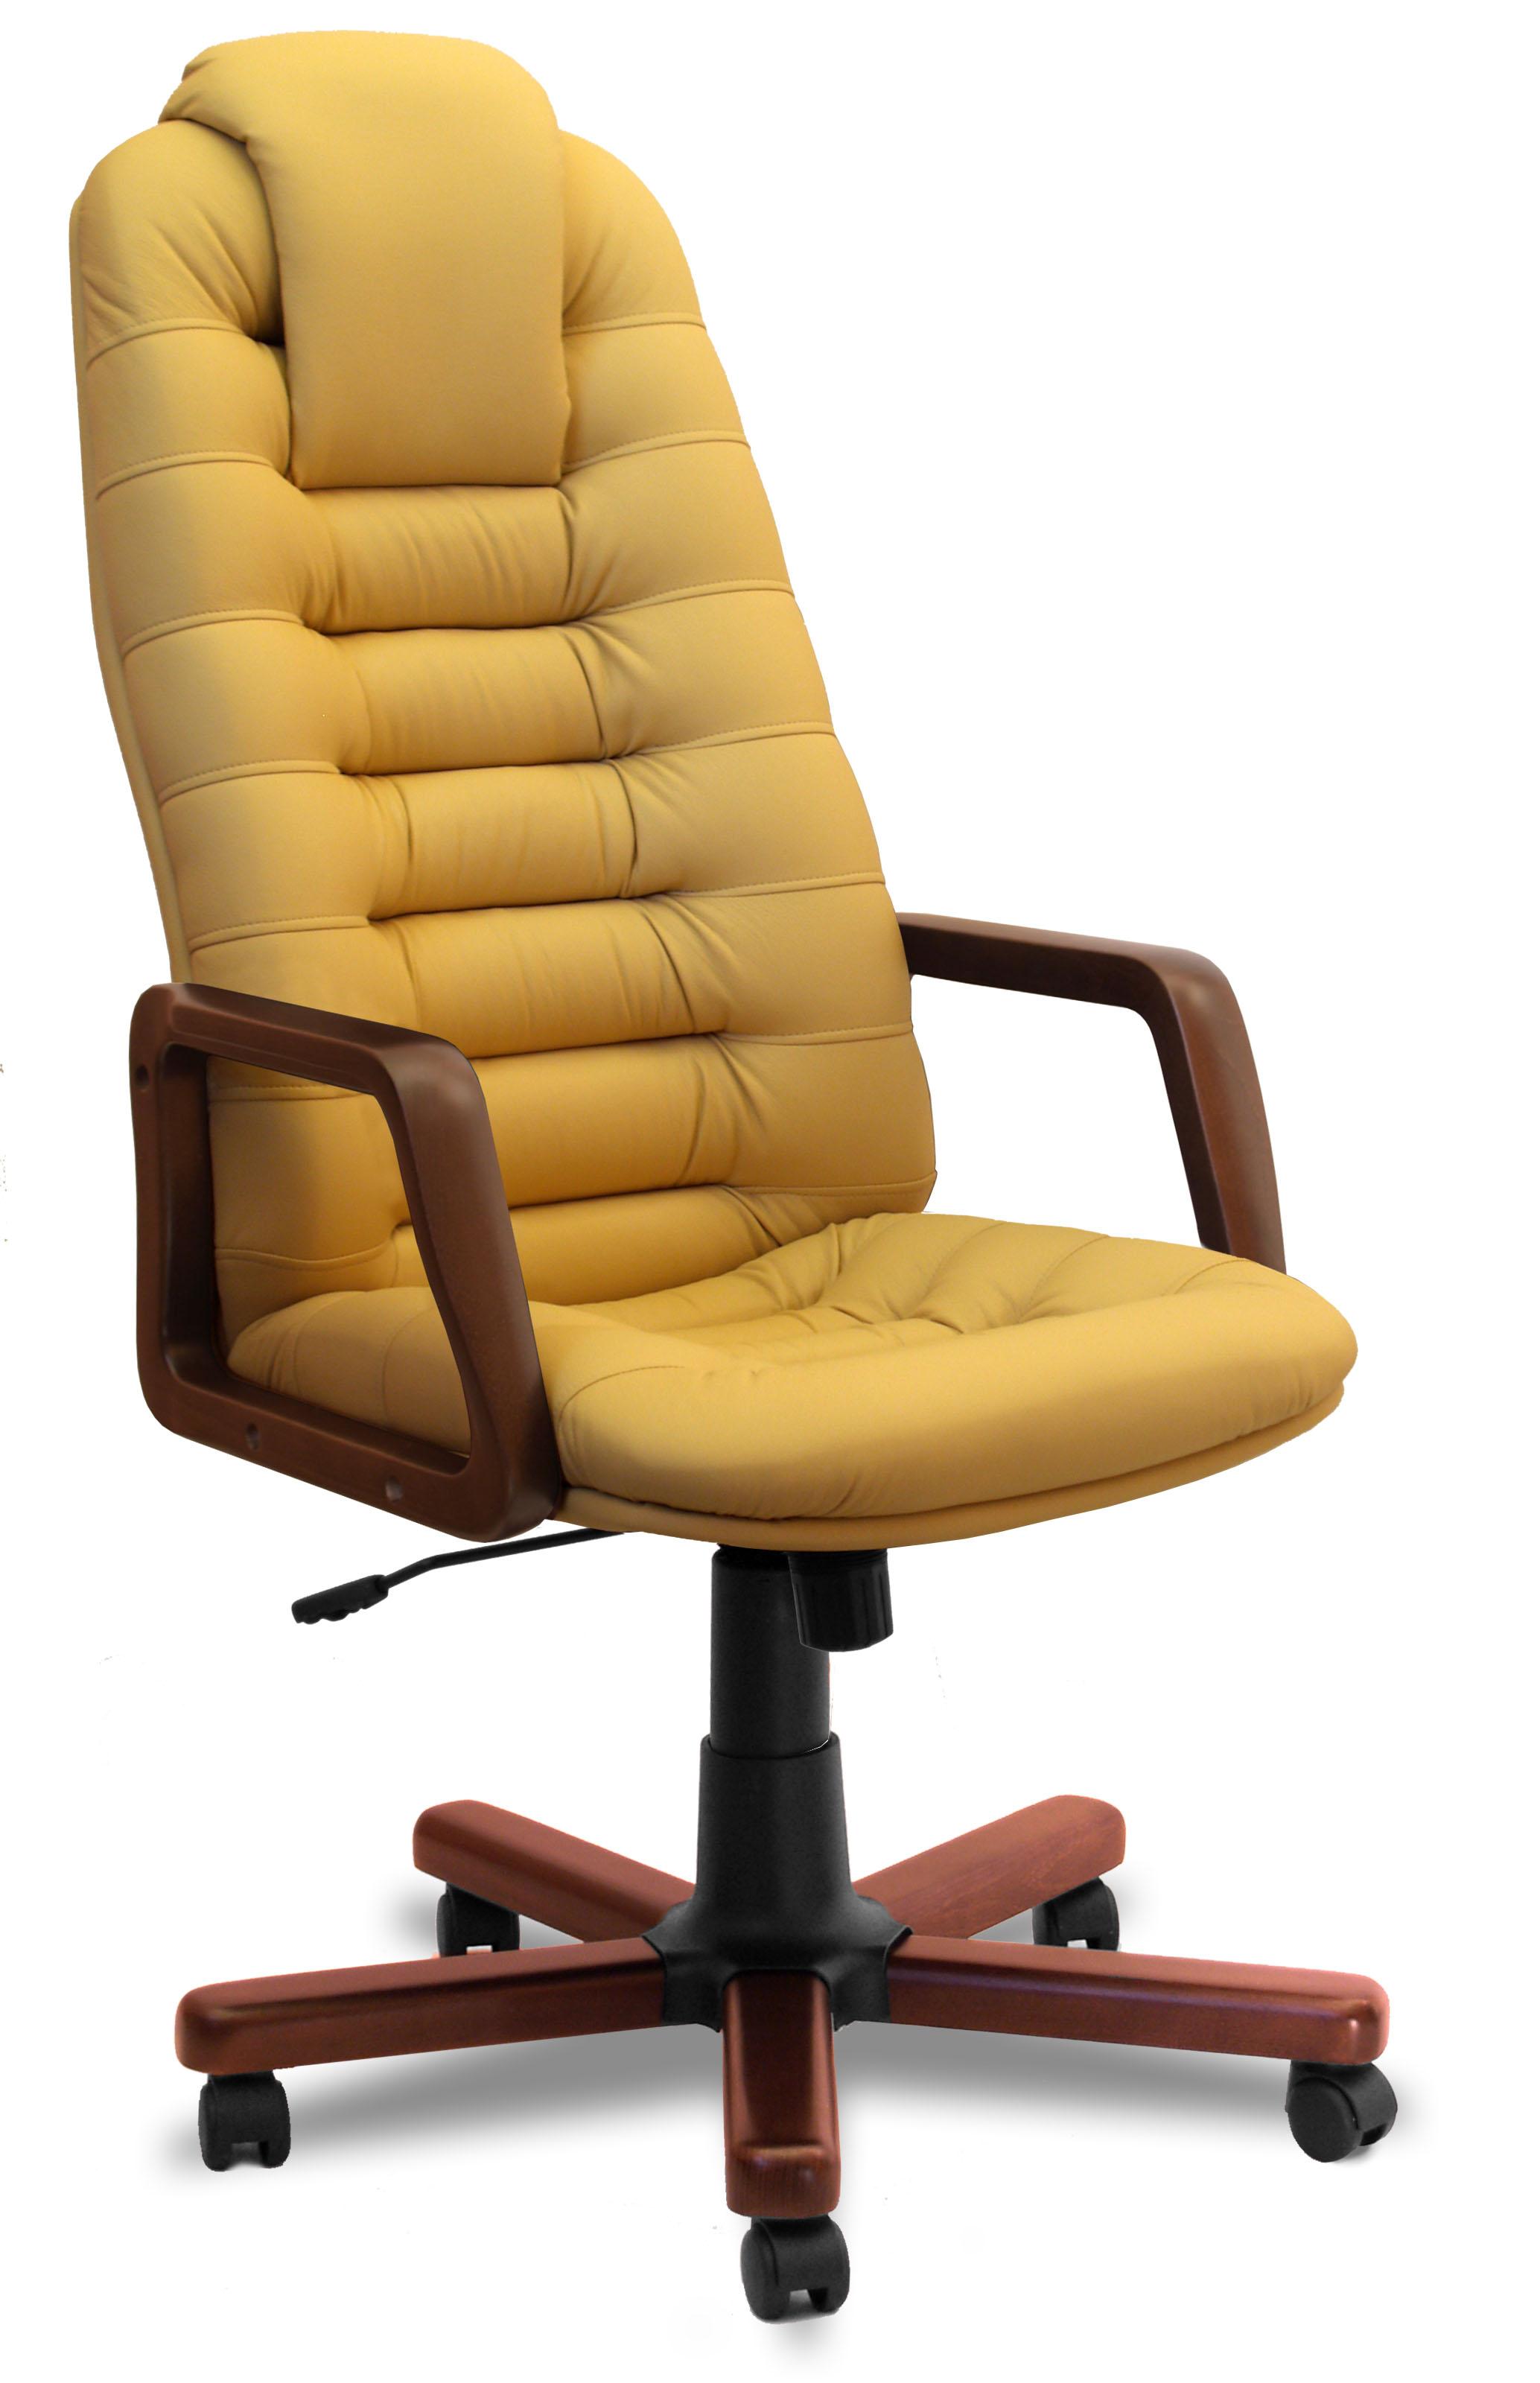 Офисные кресла недорого купить в магазине MebelStol